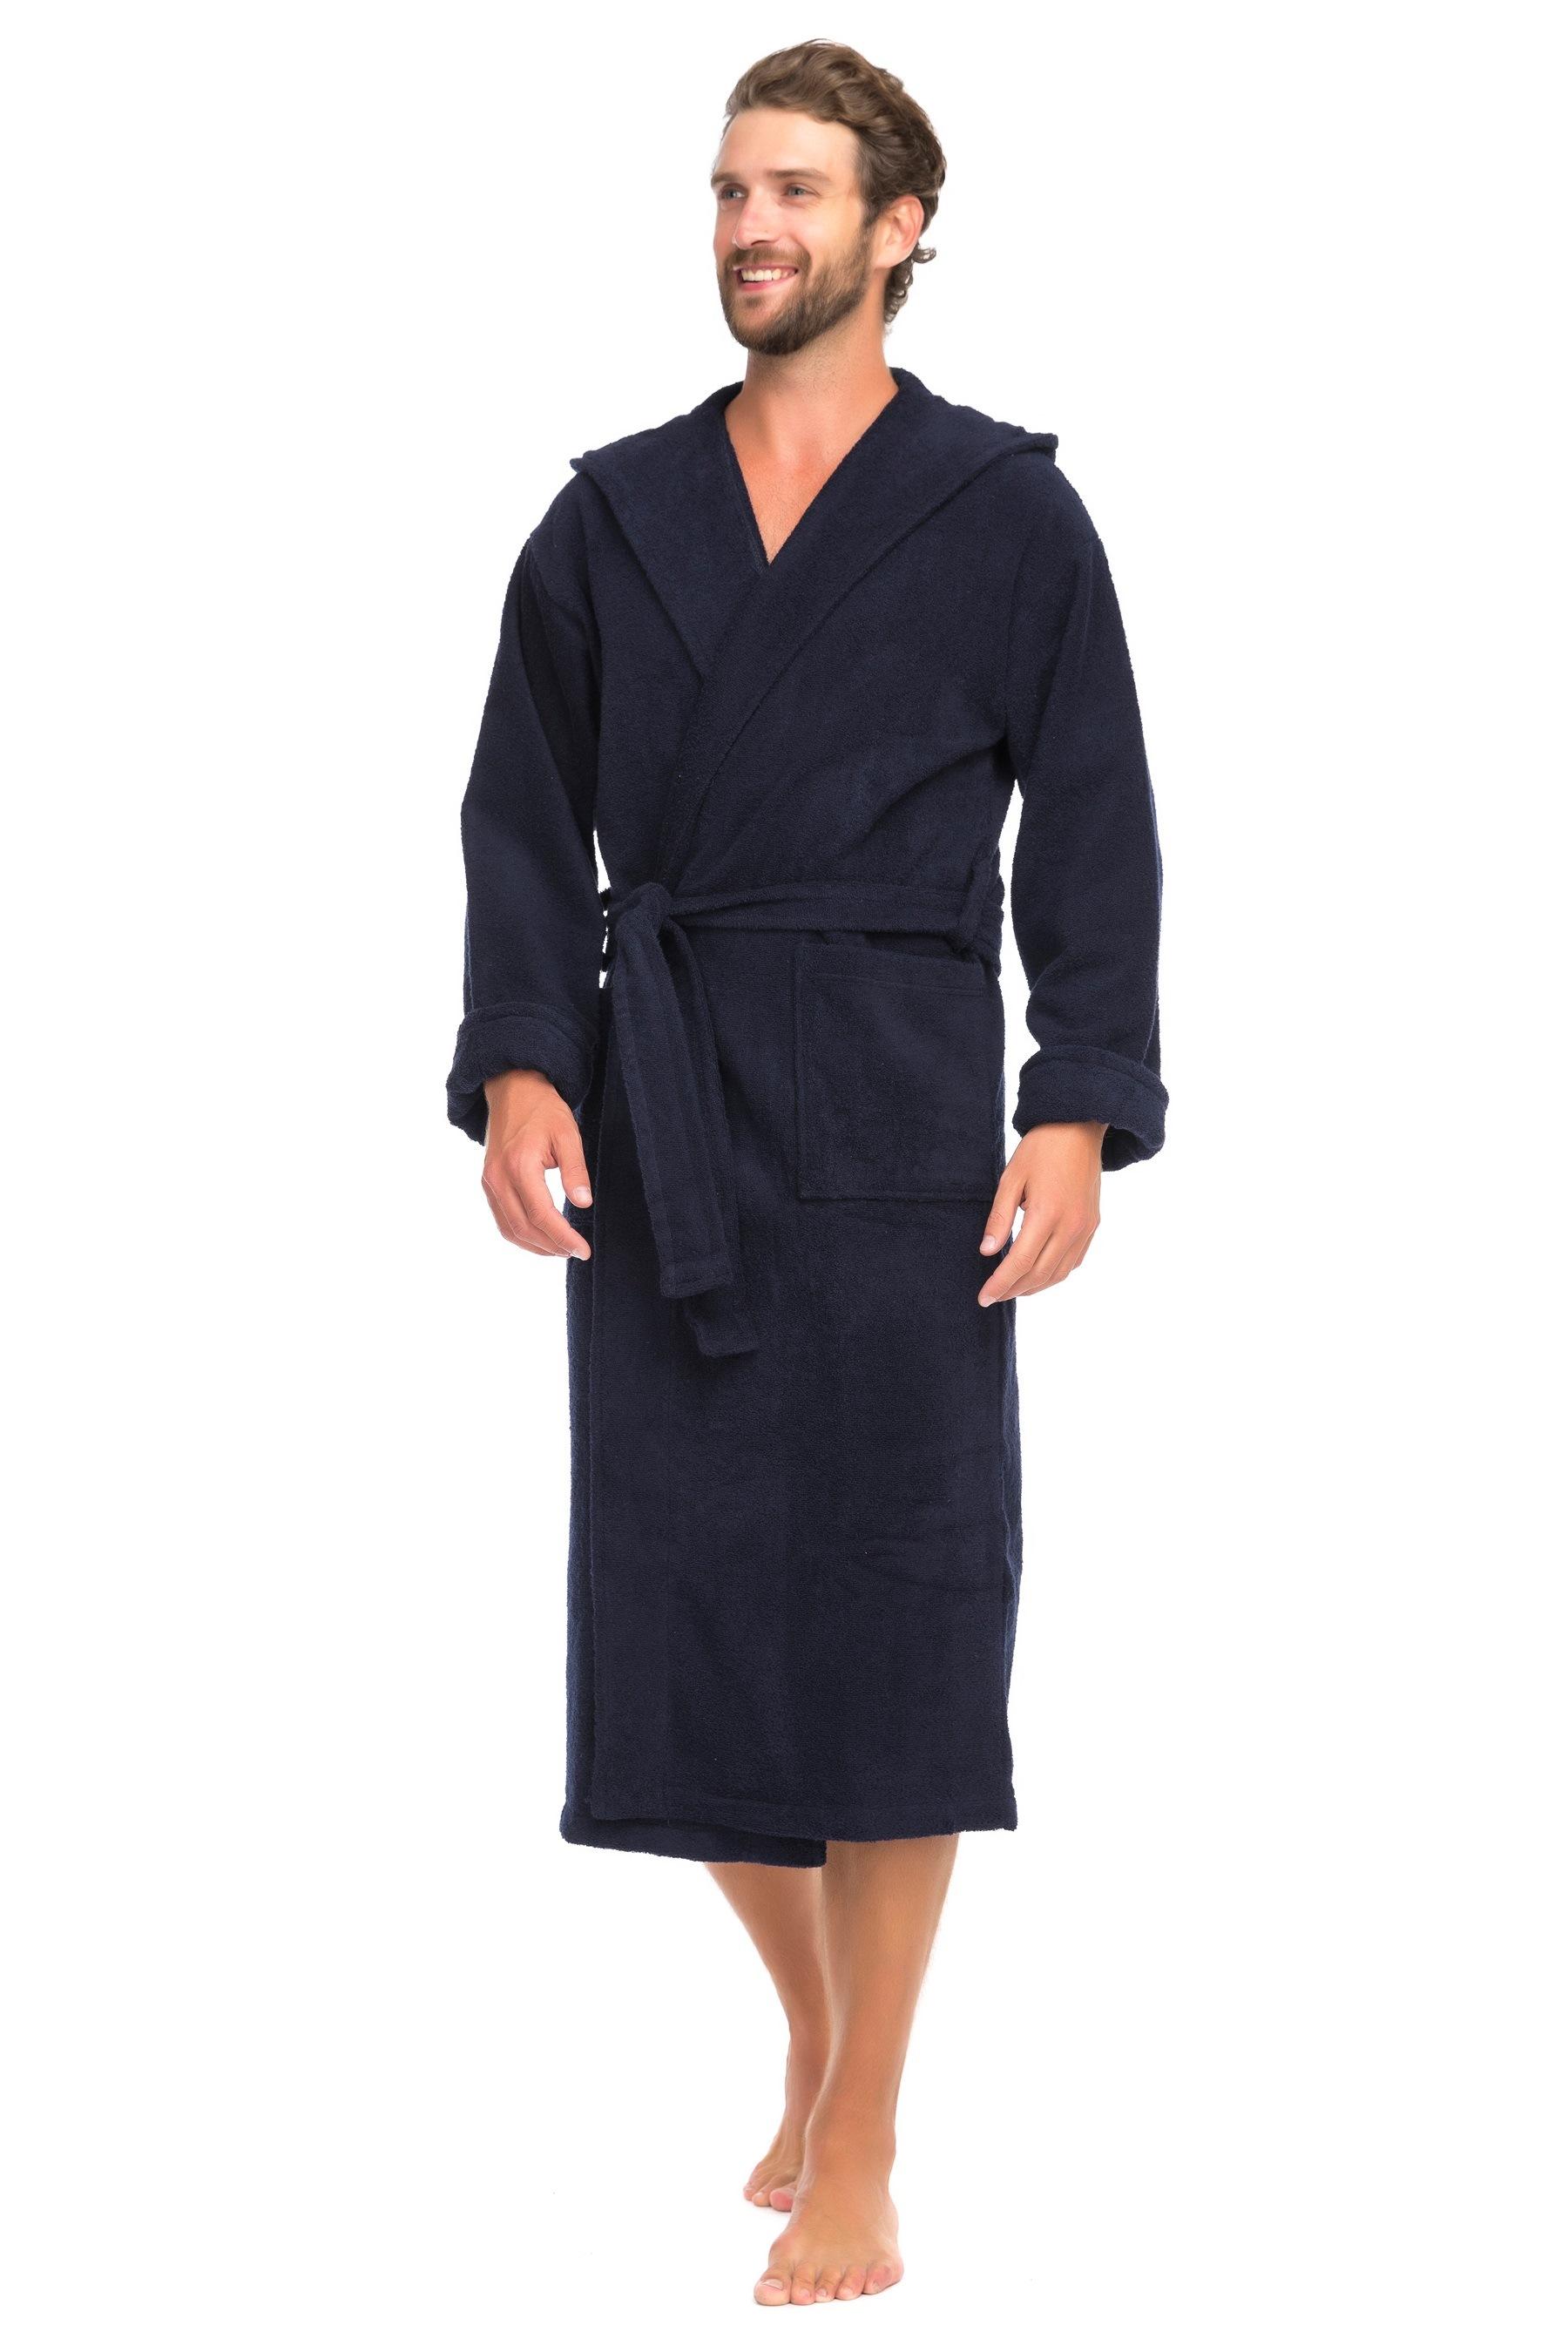 Мужской махровый халат с капюшоном SPORT#and#Life (Е 901-1), цвет тёмно-синий, размер 54-56